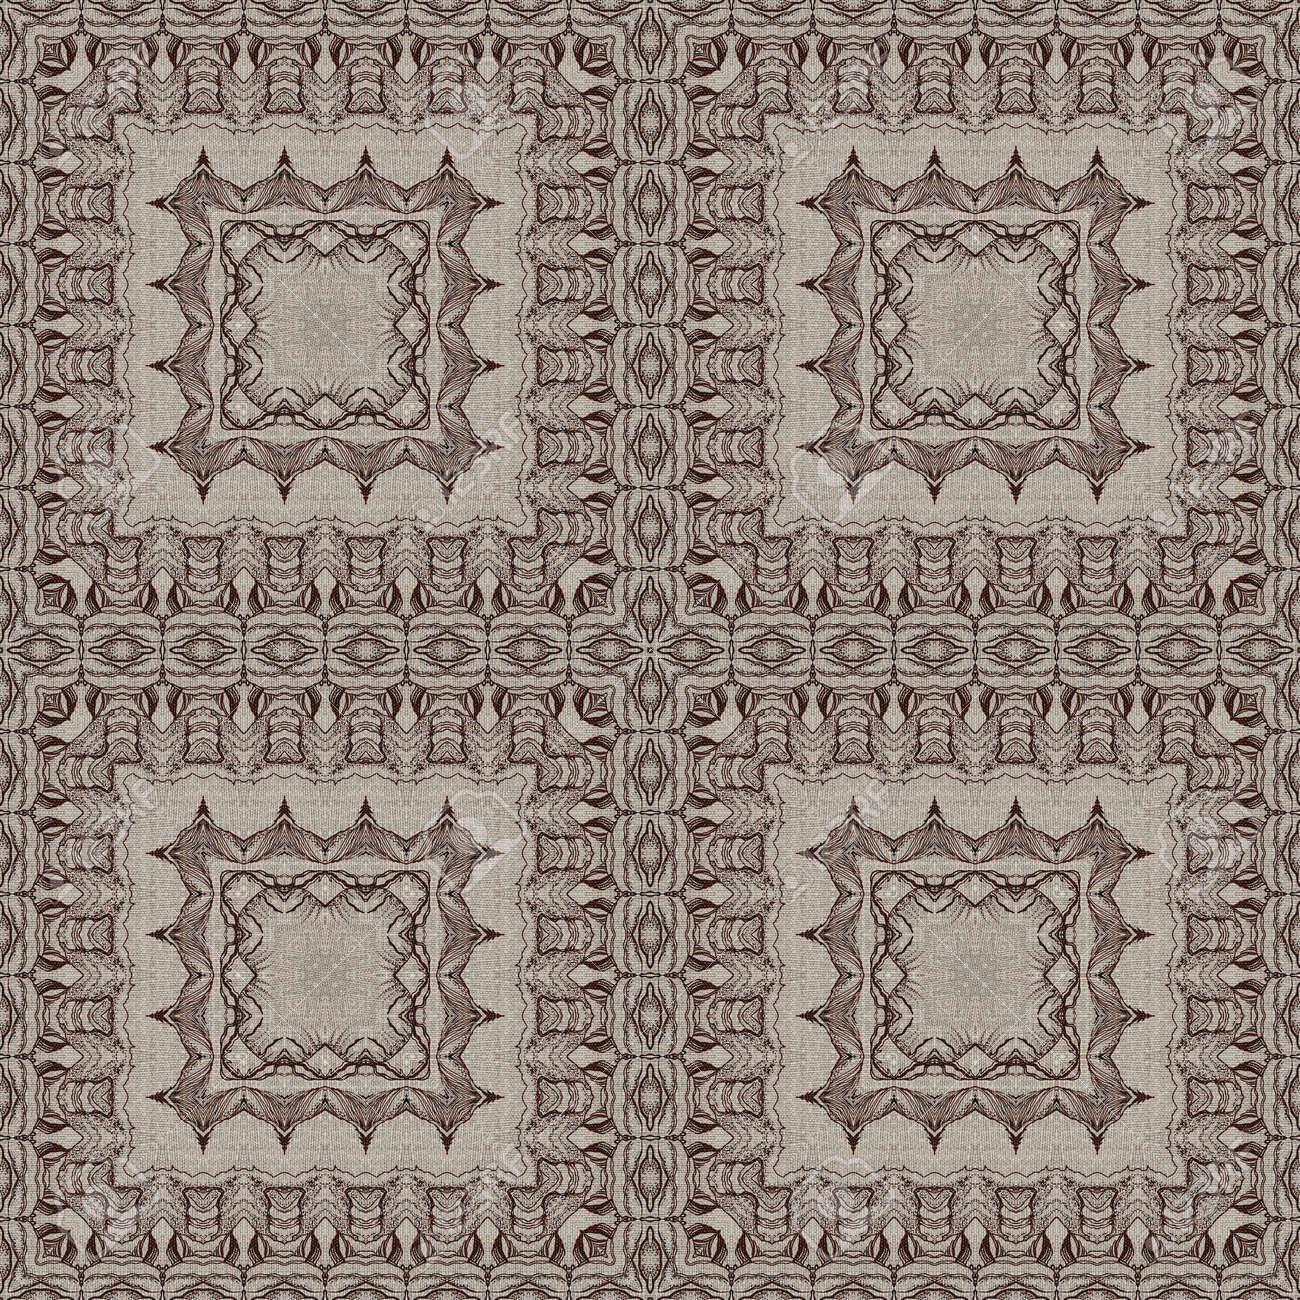 nahtlose knstlerischen hintergrund abstrakte grafische muster auf vintage leinwand standard bild 31236054 - Grafische Muster